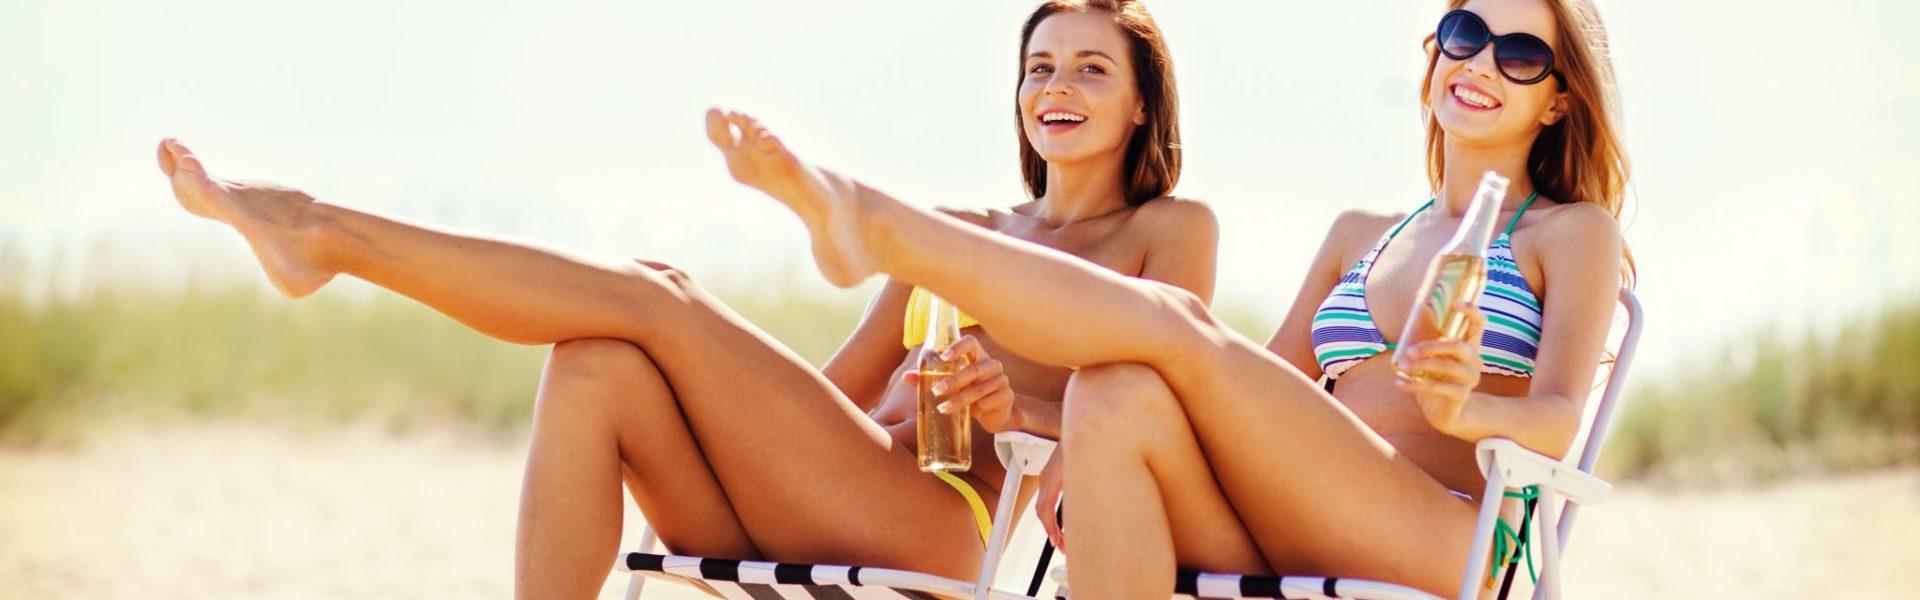 Грозные последствия — инфаркт или инсульт. Почему алкоголь опасен в жару.